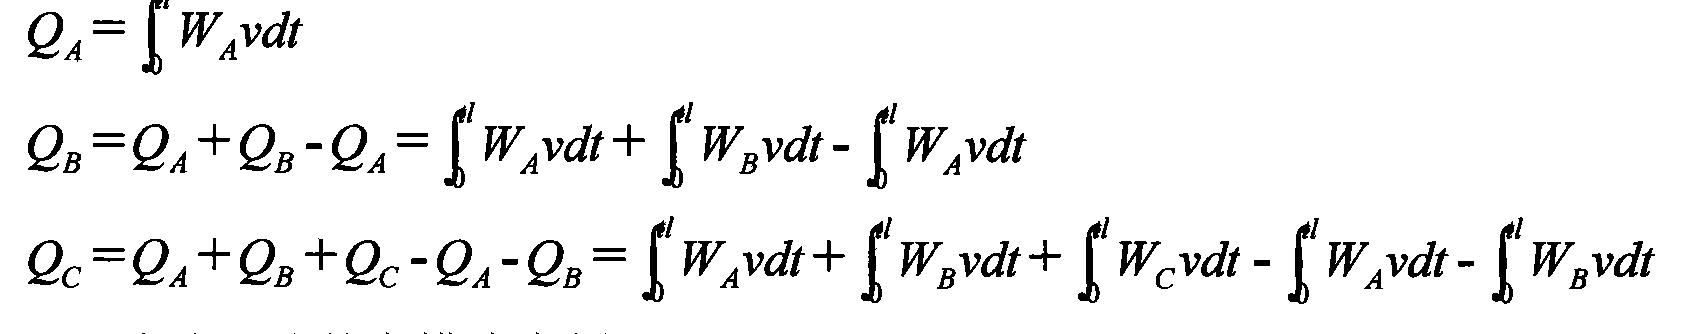 Figure CN101692006BD00084